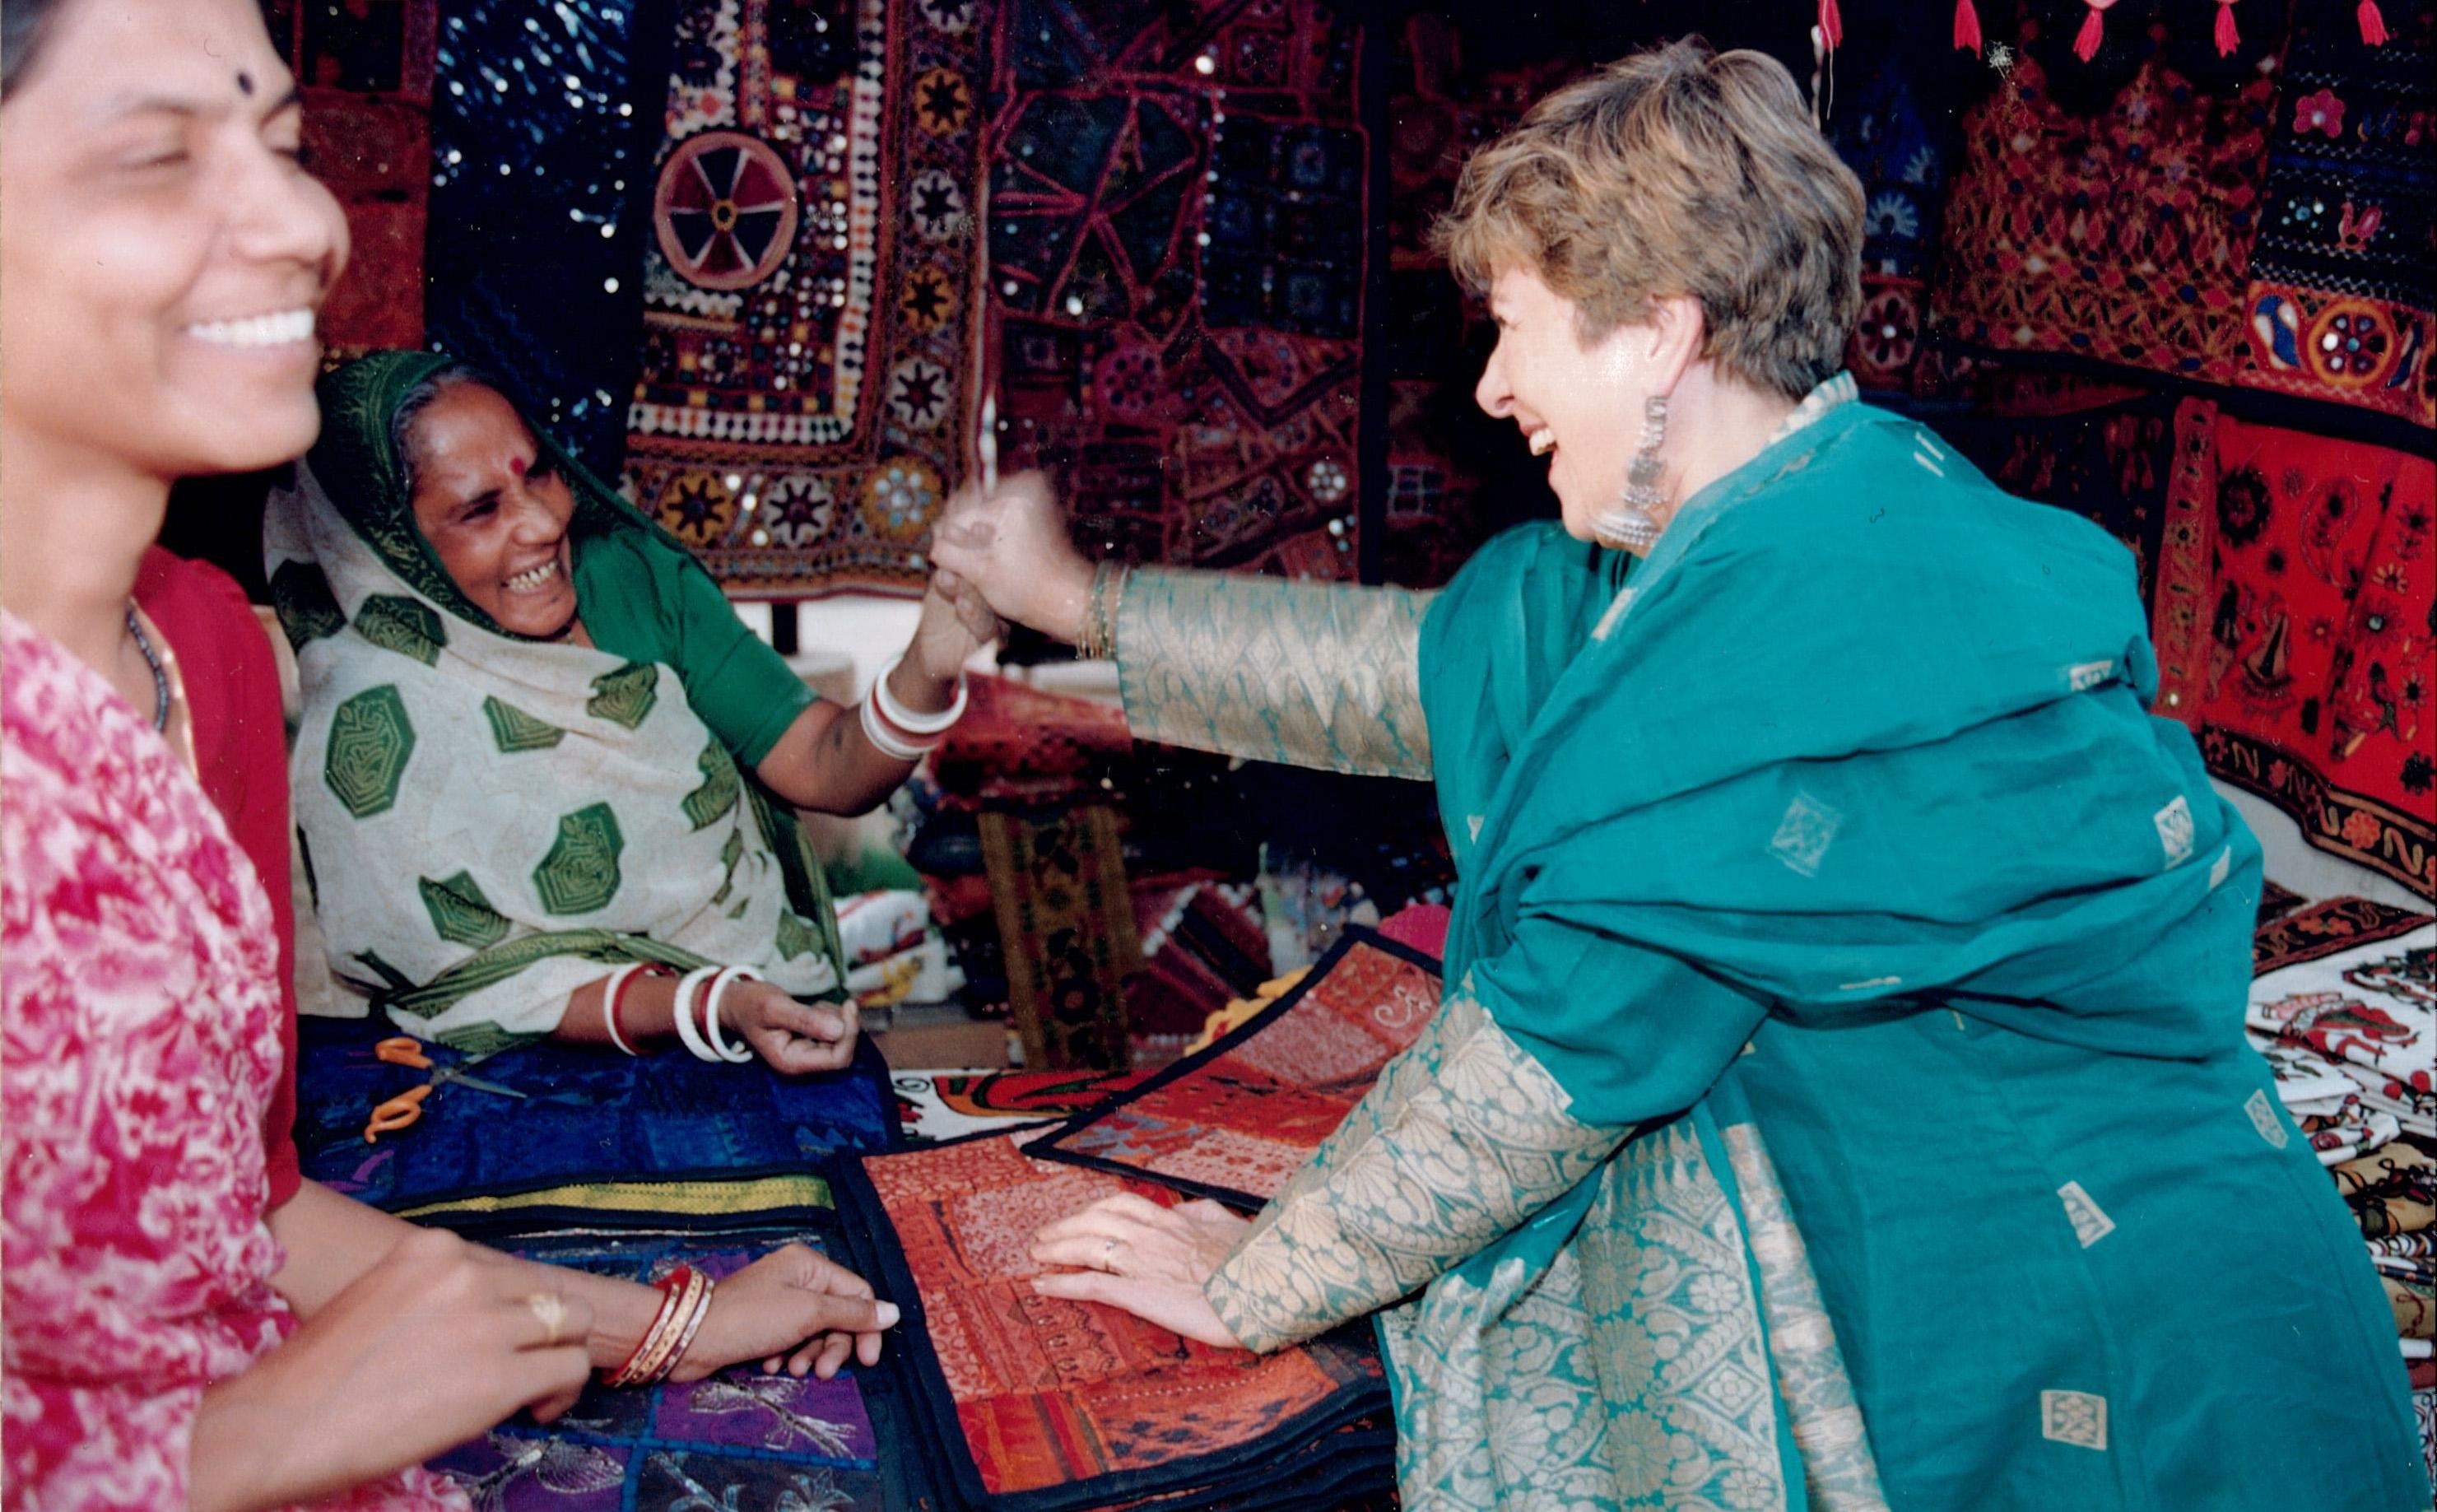 Meeting artisans in India